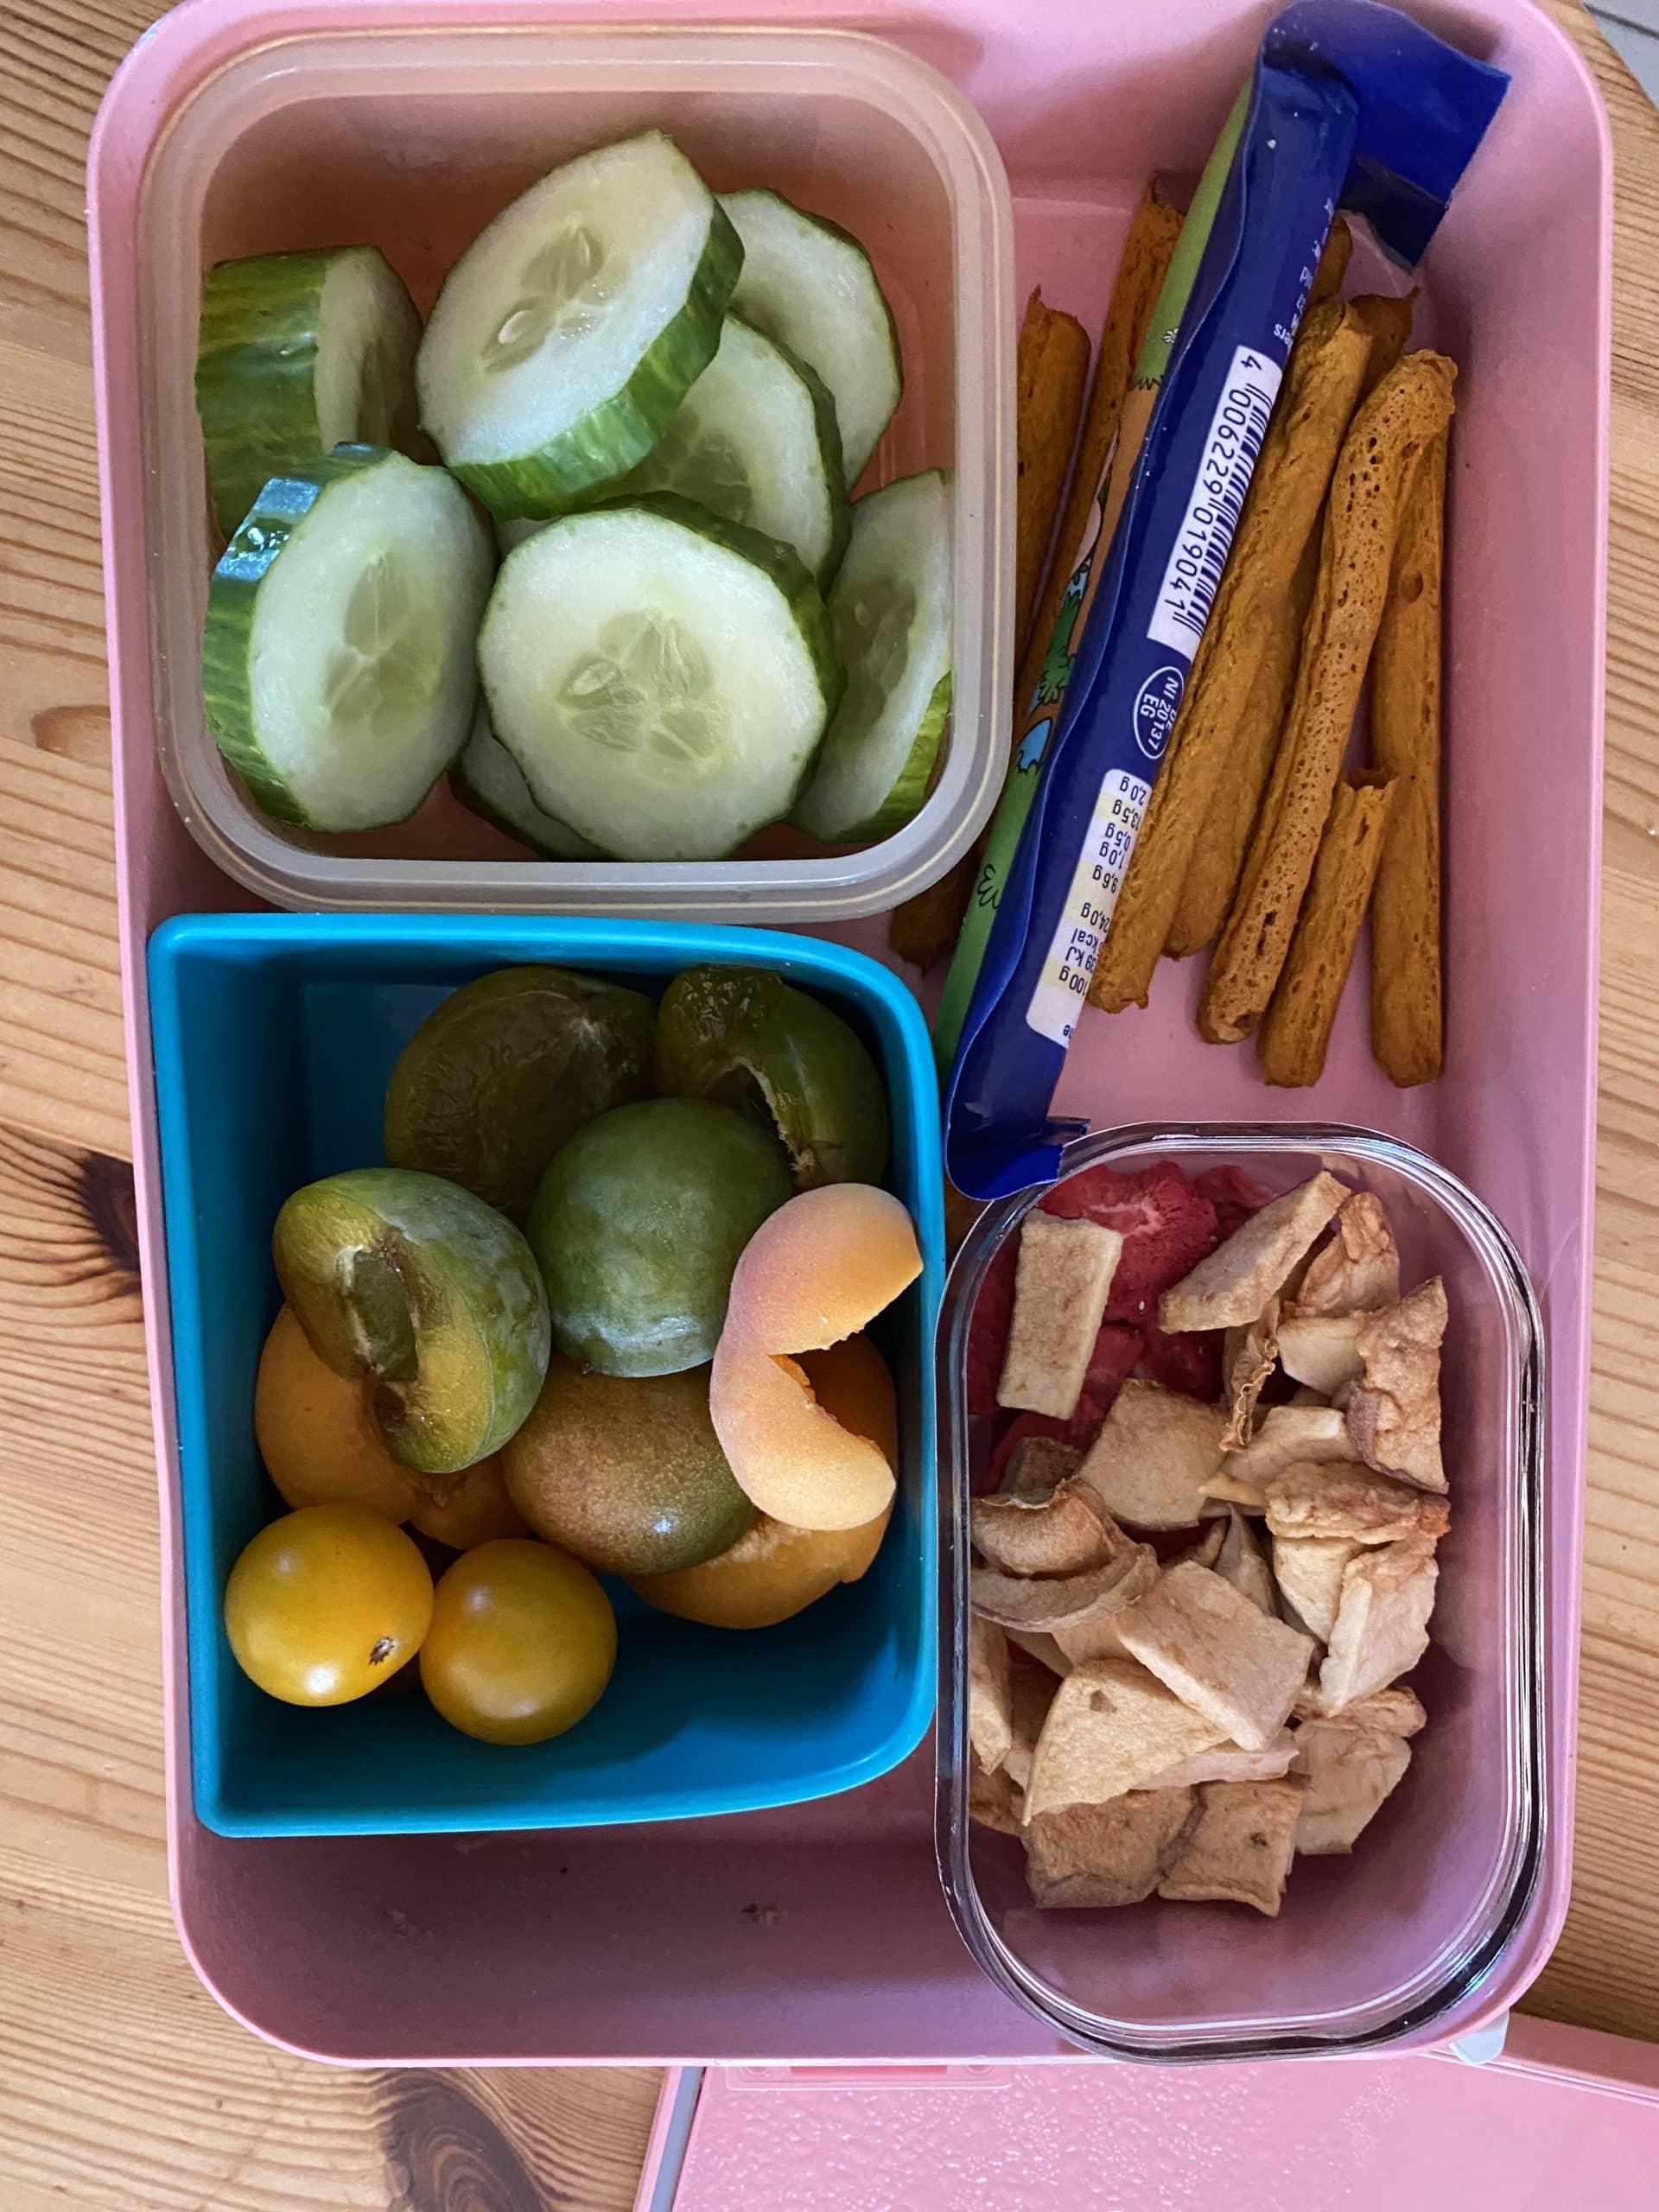 #2 Heute gibt eine große Brotbox für das kleinste Kind.